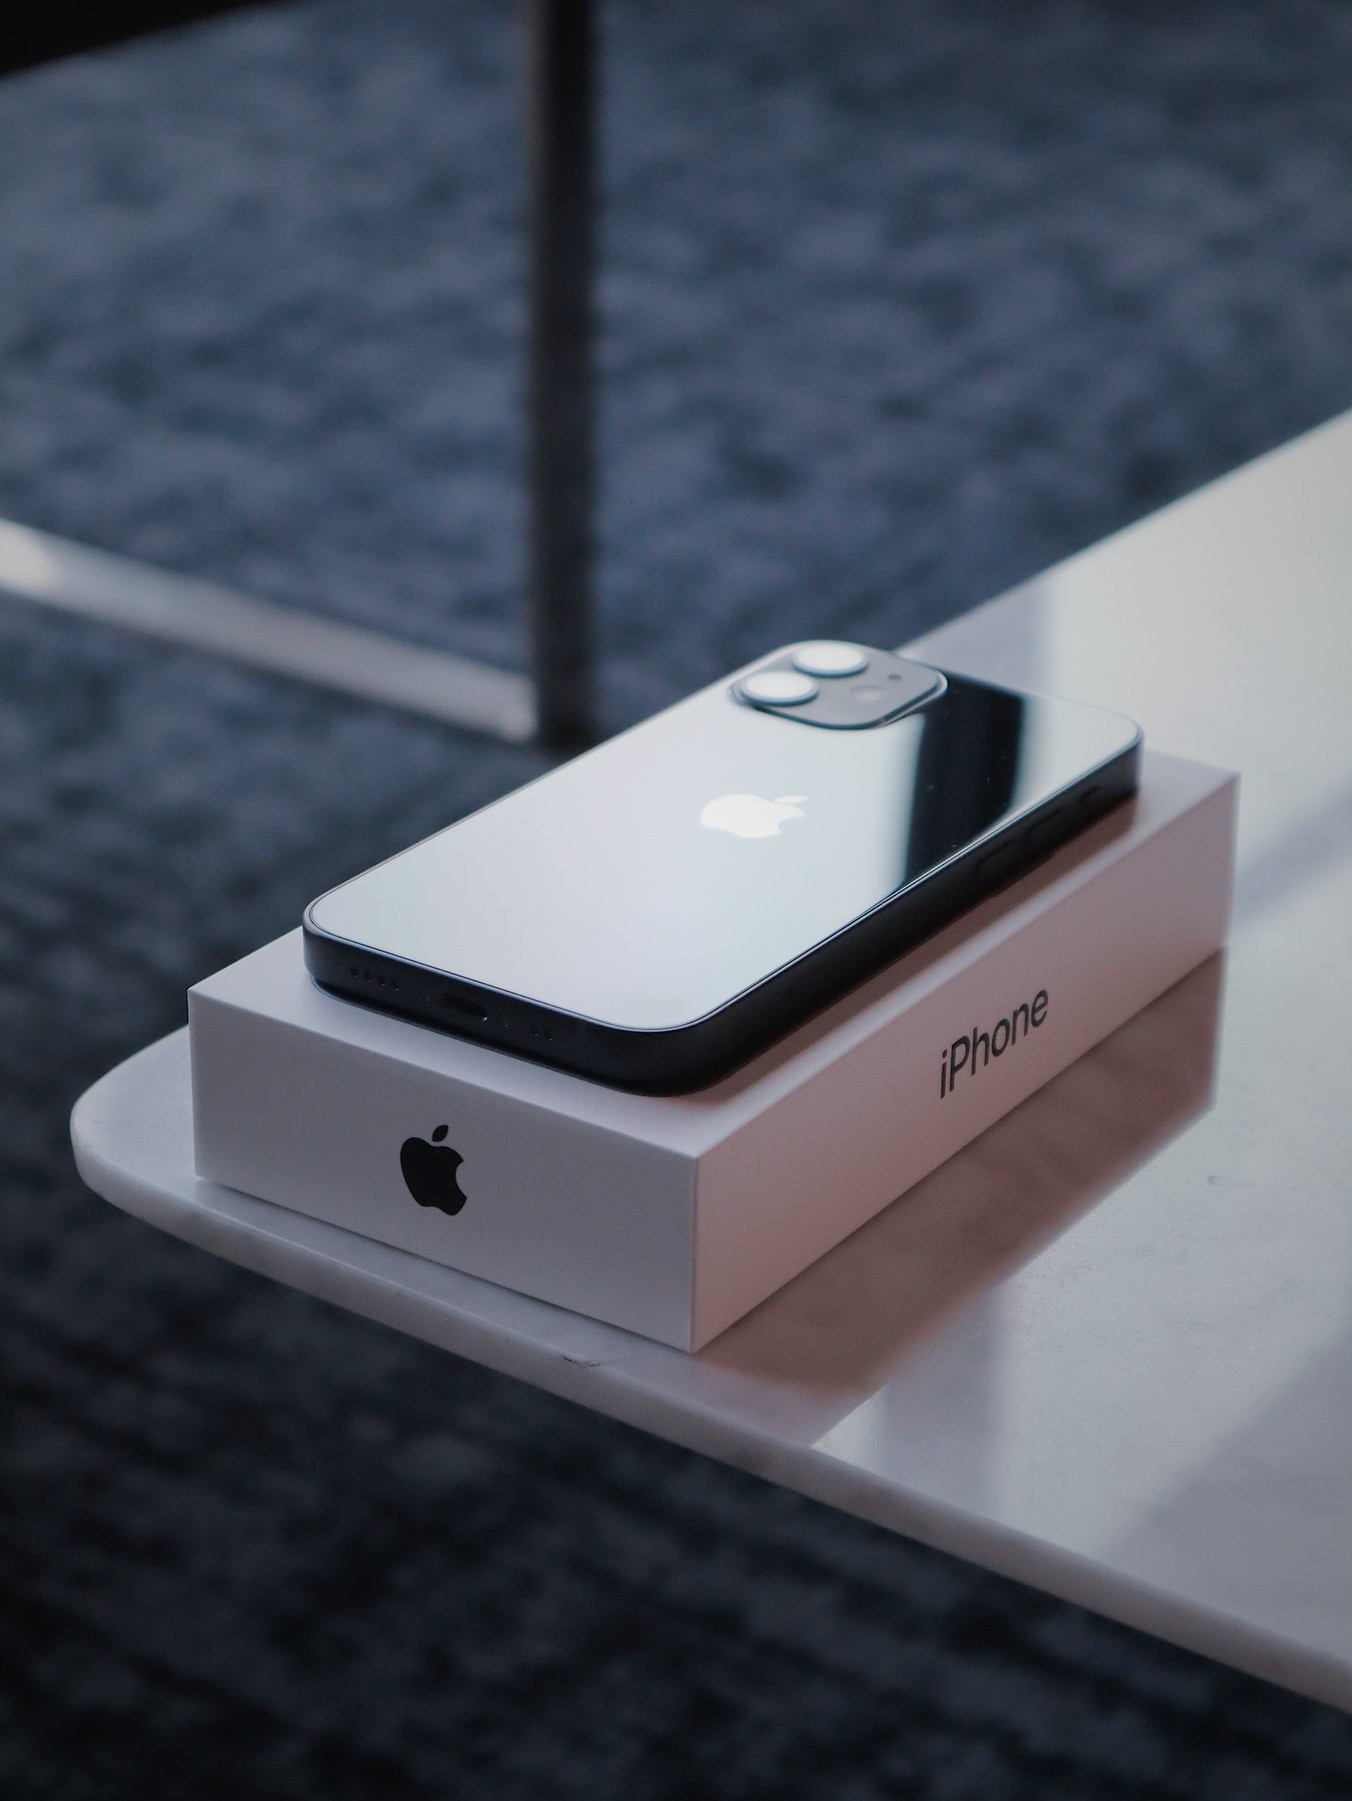 iPhone 12 mini i jego pudelku na skraju stołu